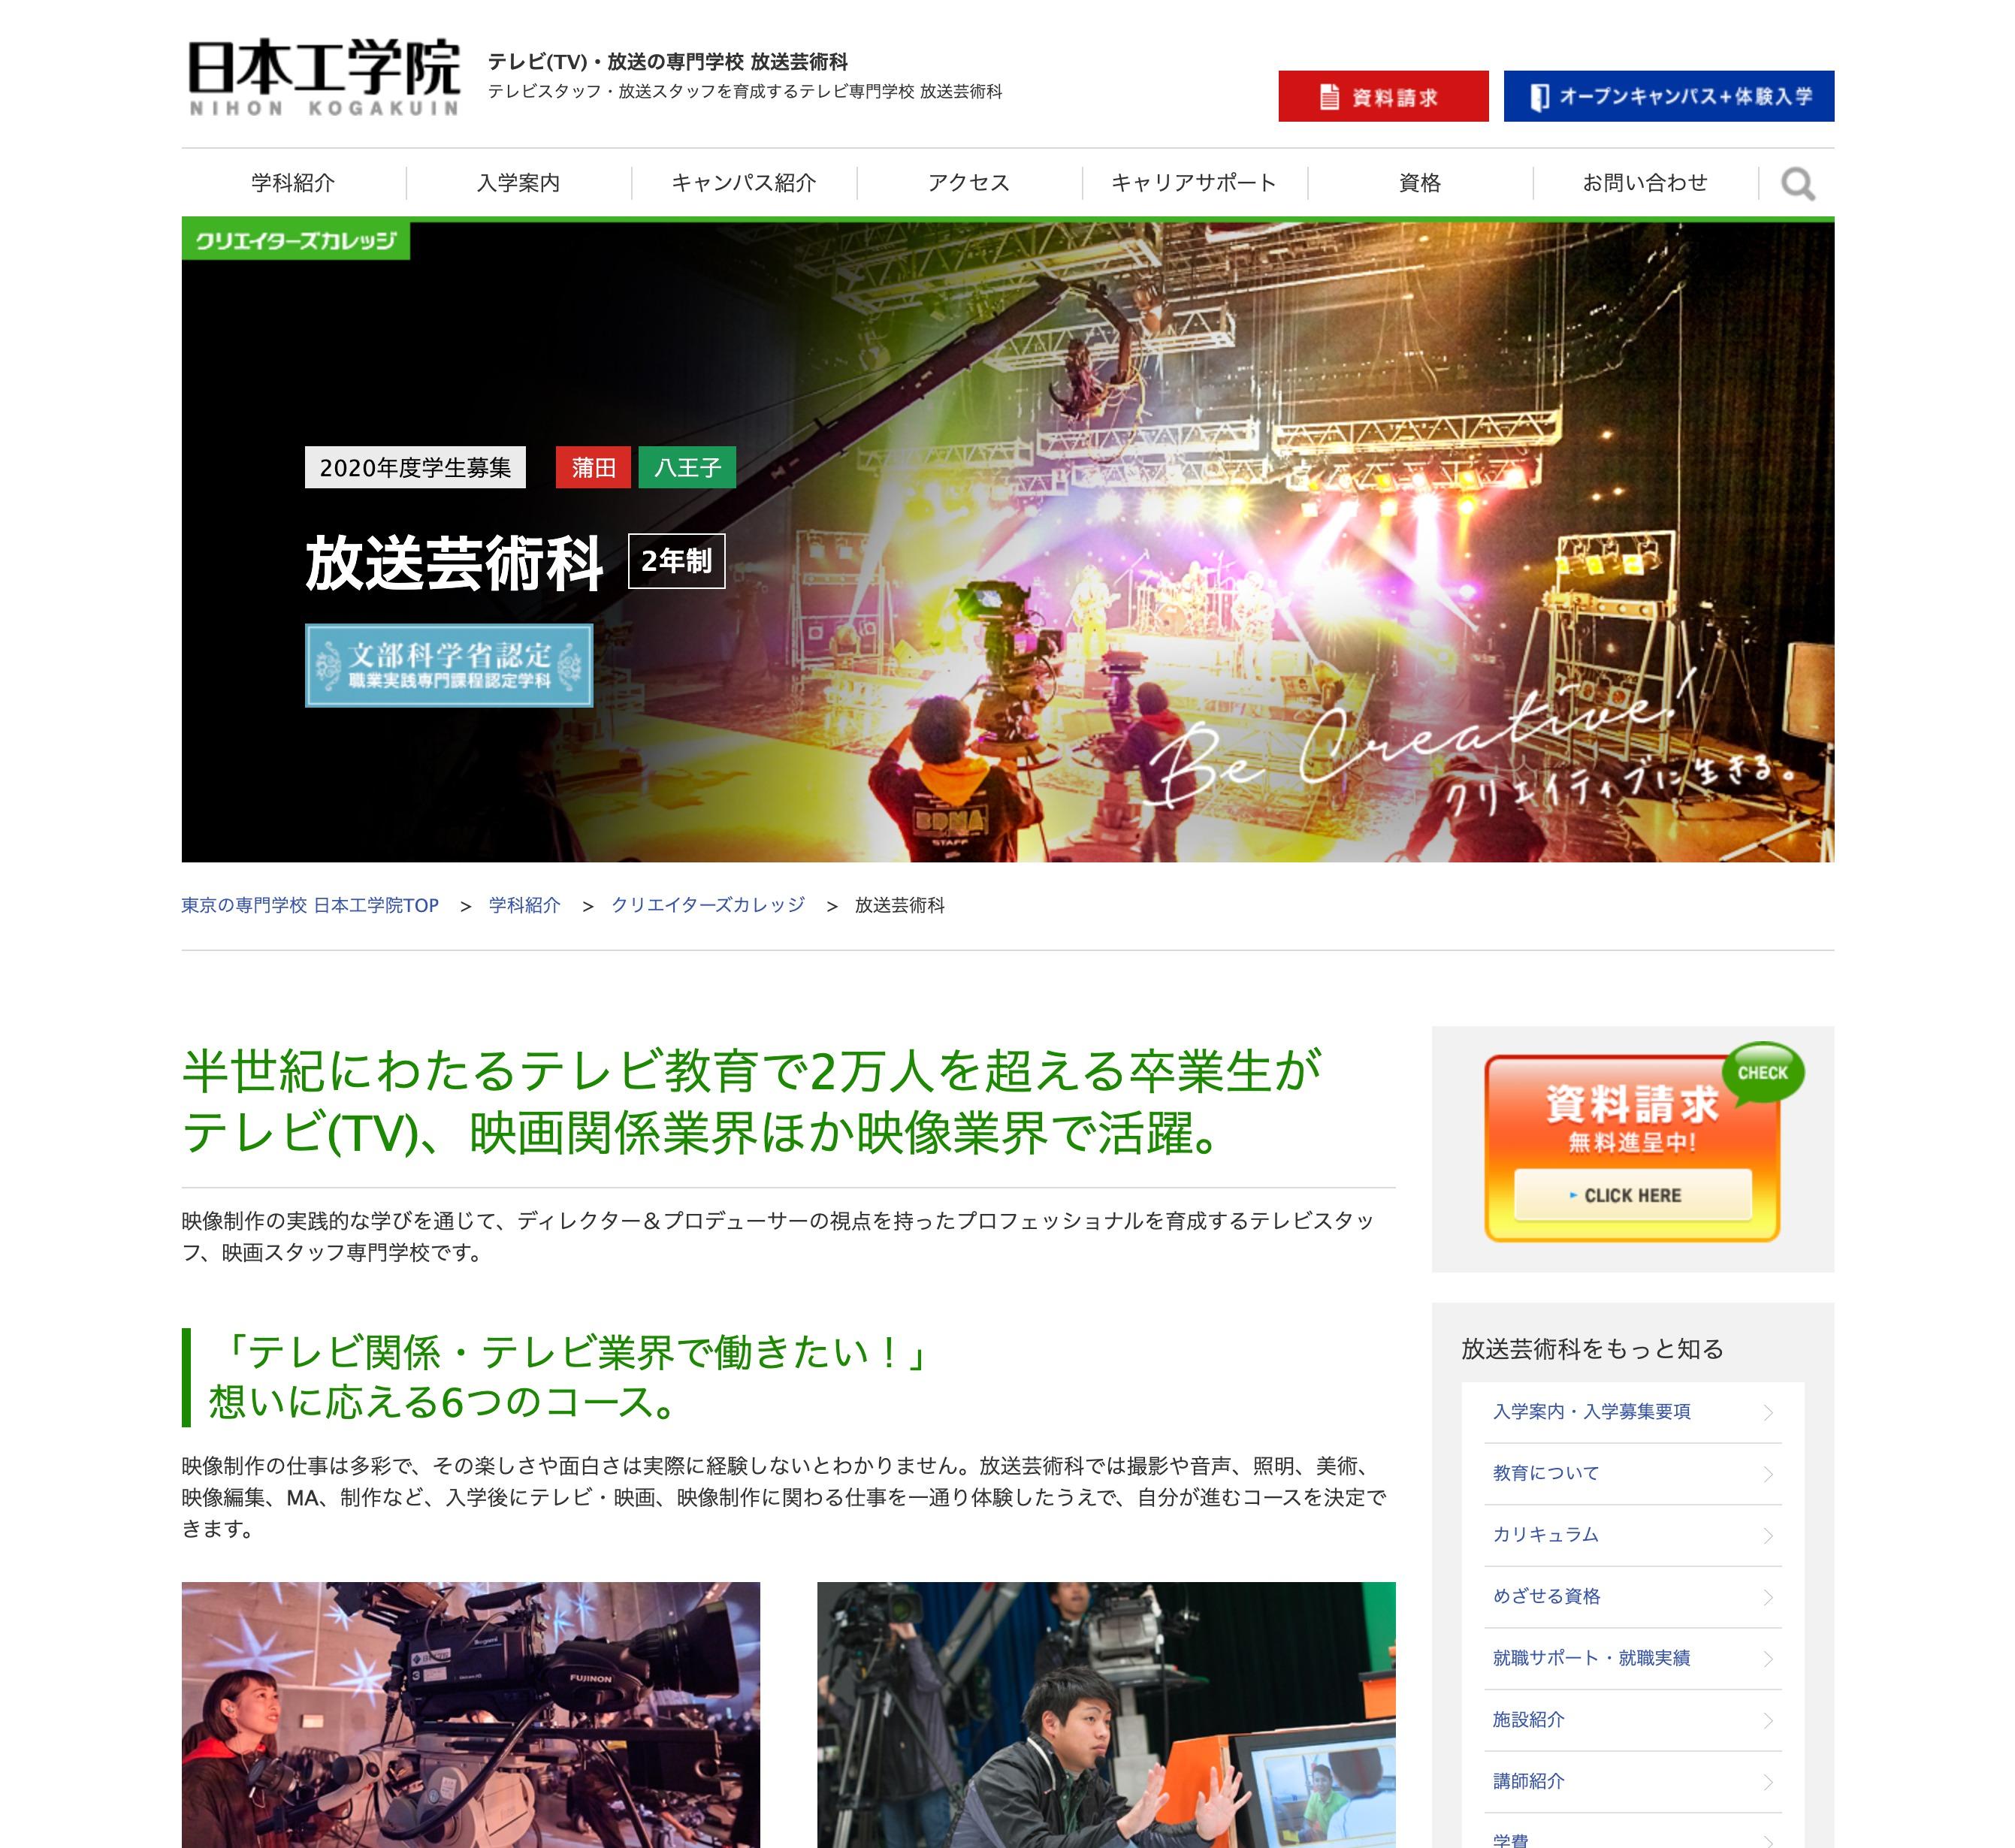 日本工学院 クリエイターズカレッジ 放送芸術科